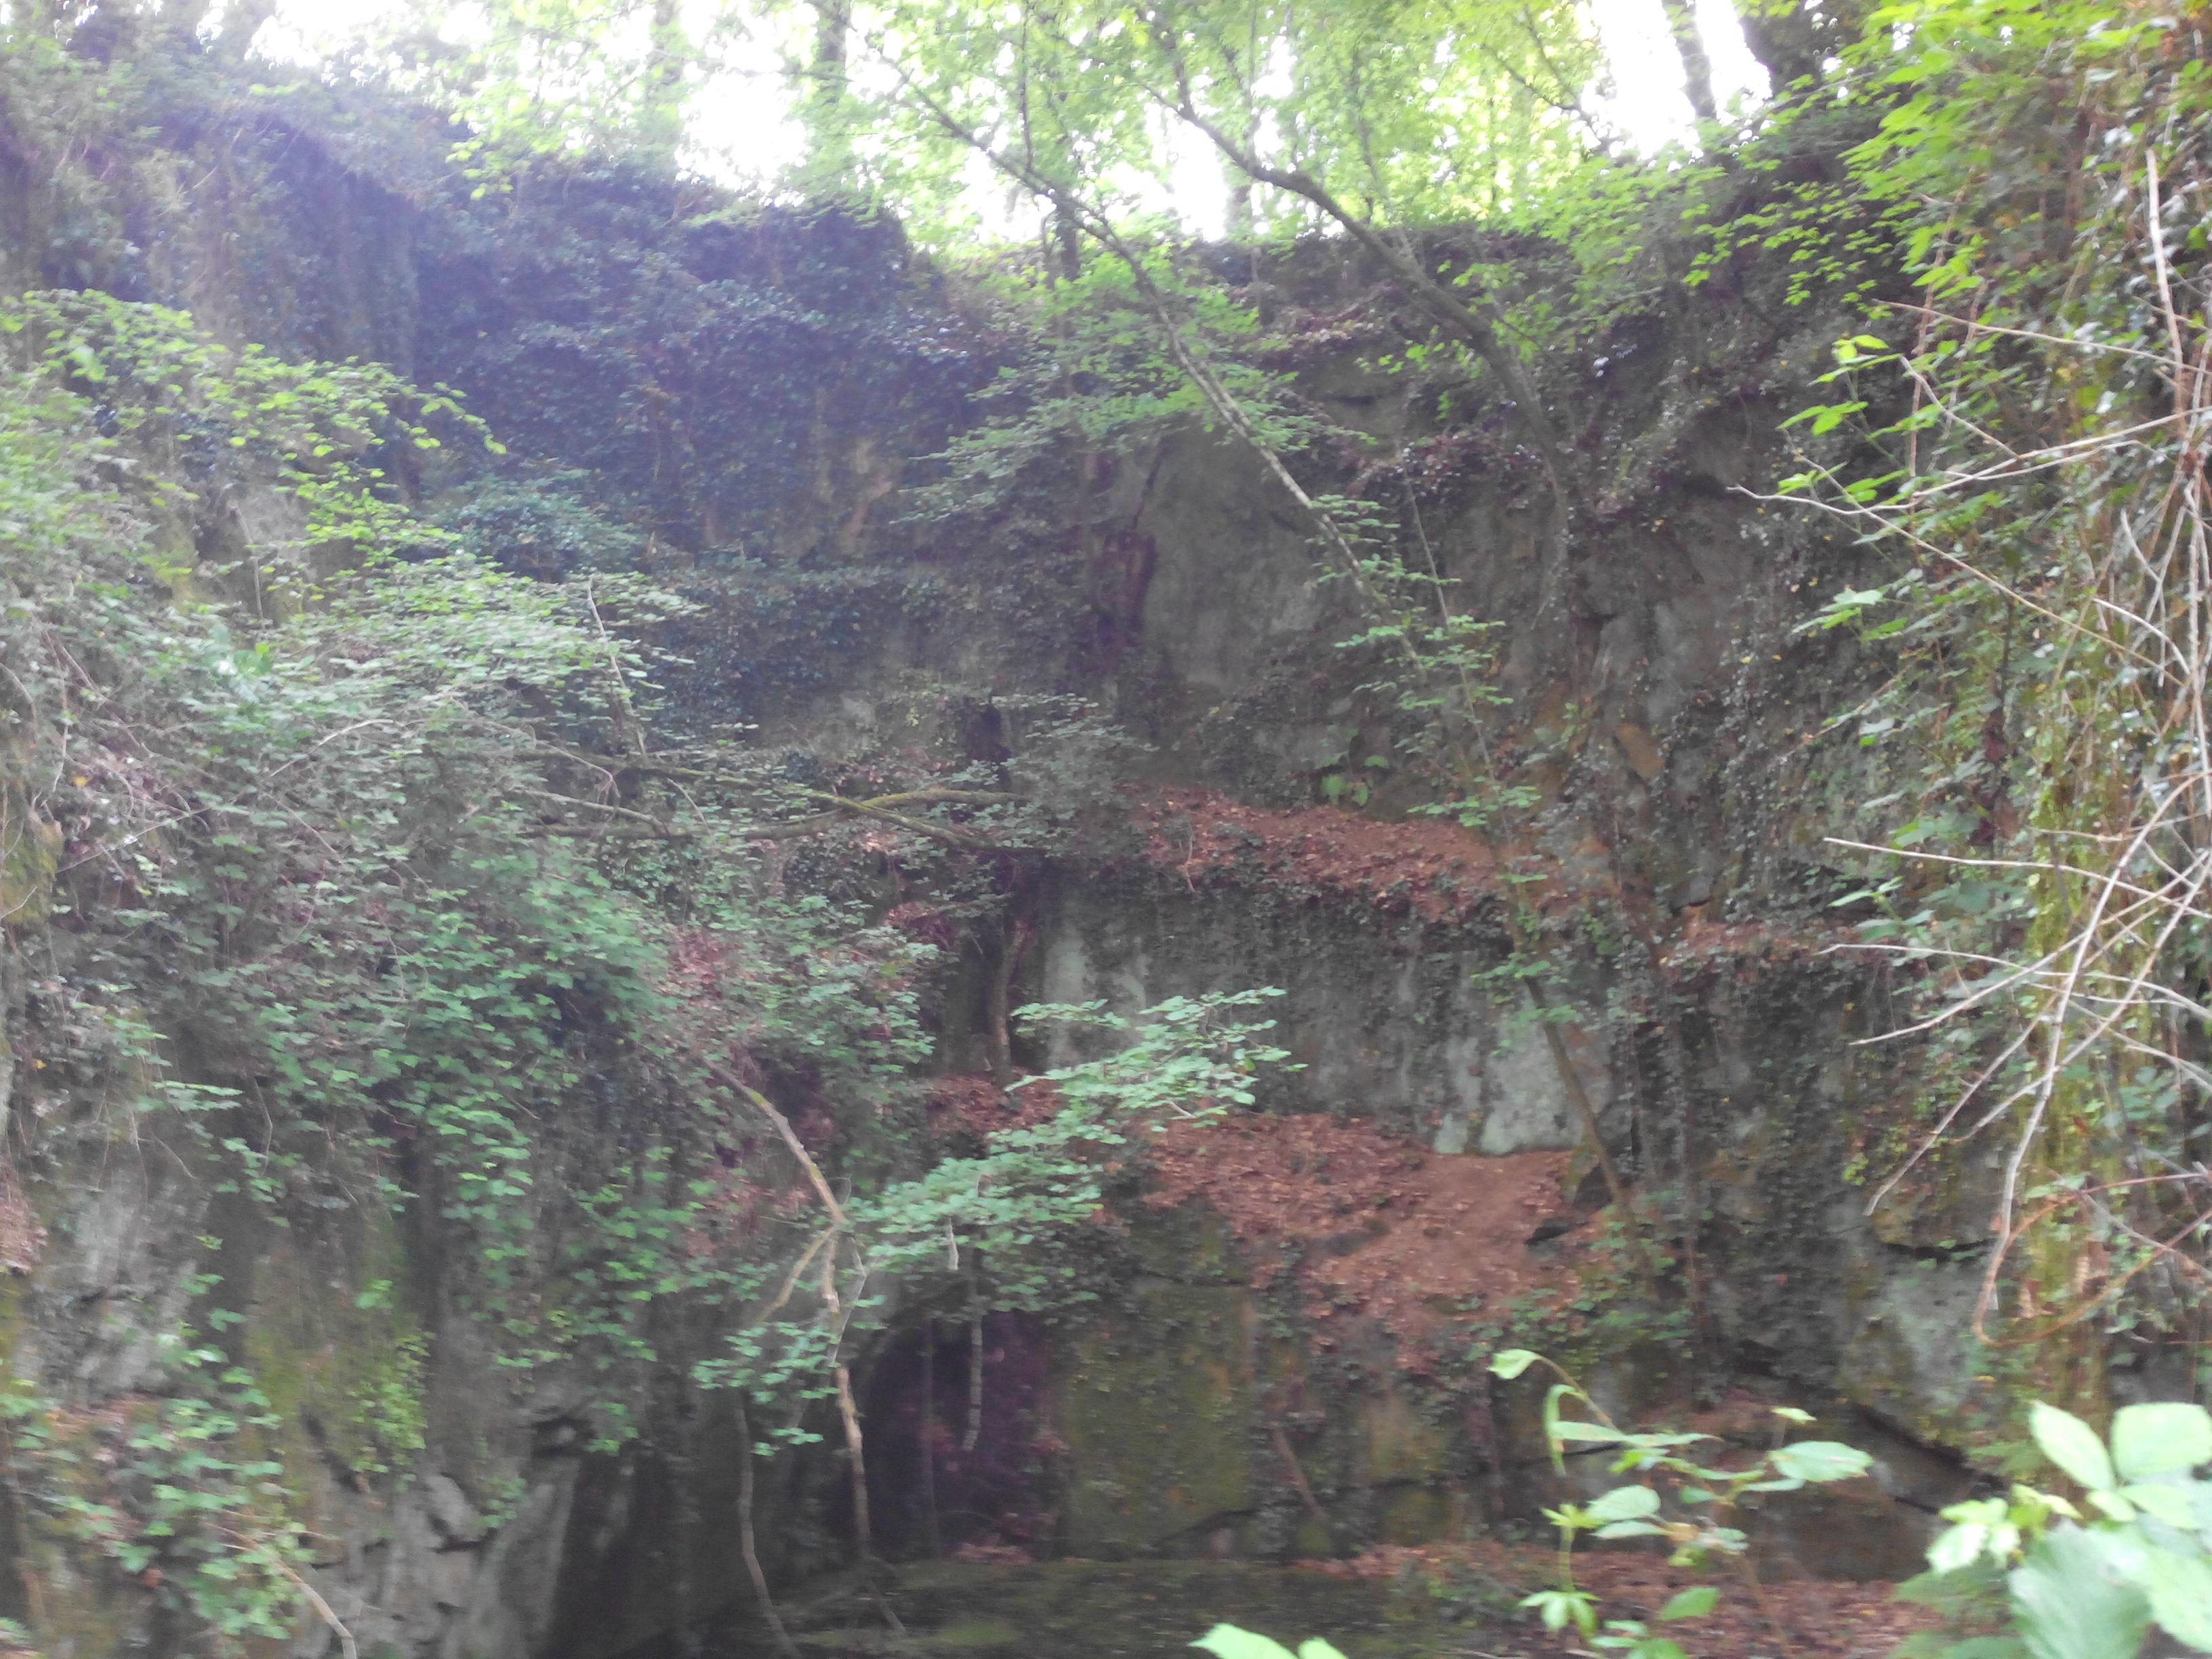 Sortie Géologique Mézières-sur-Couesnon Ille et Vilaine érosion sédimentation (15)